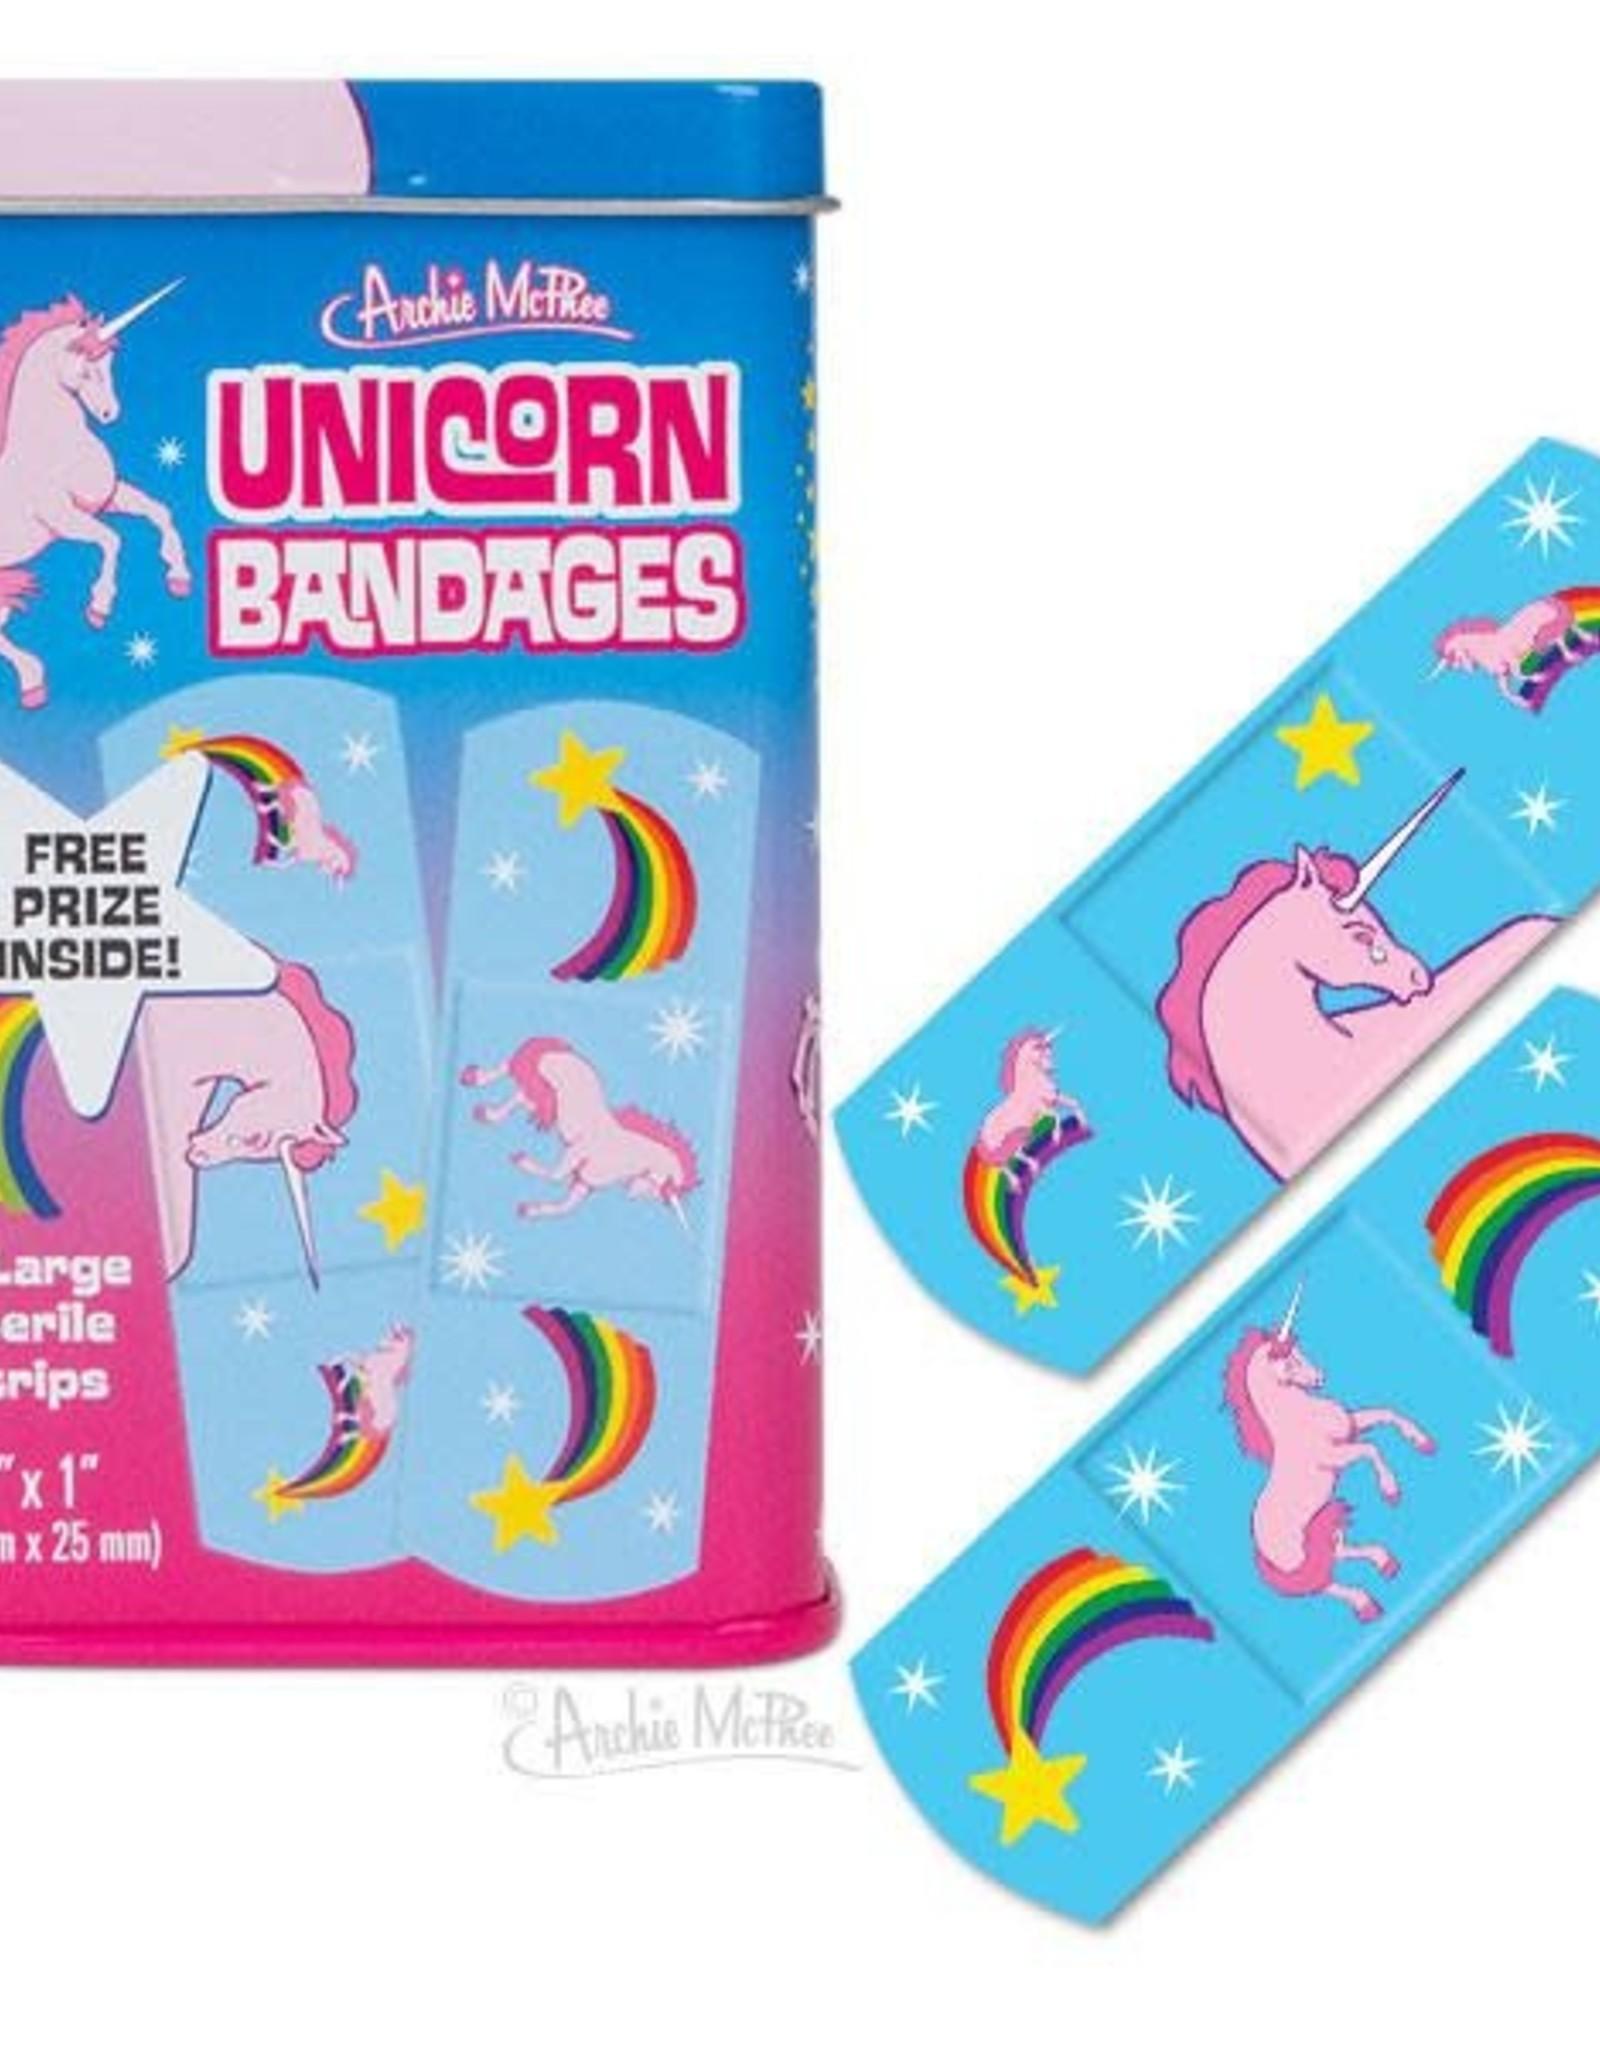 Archie McPhee Bandage Unicorn